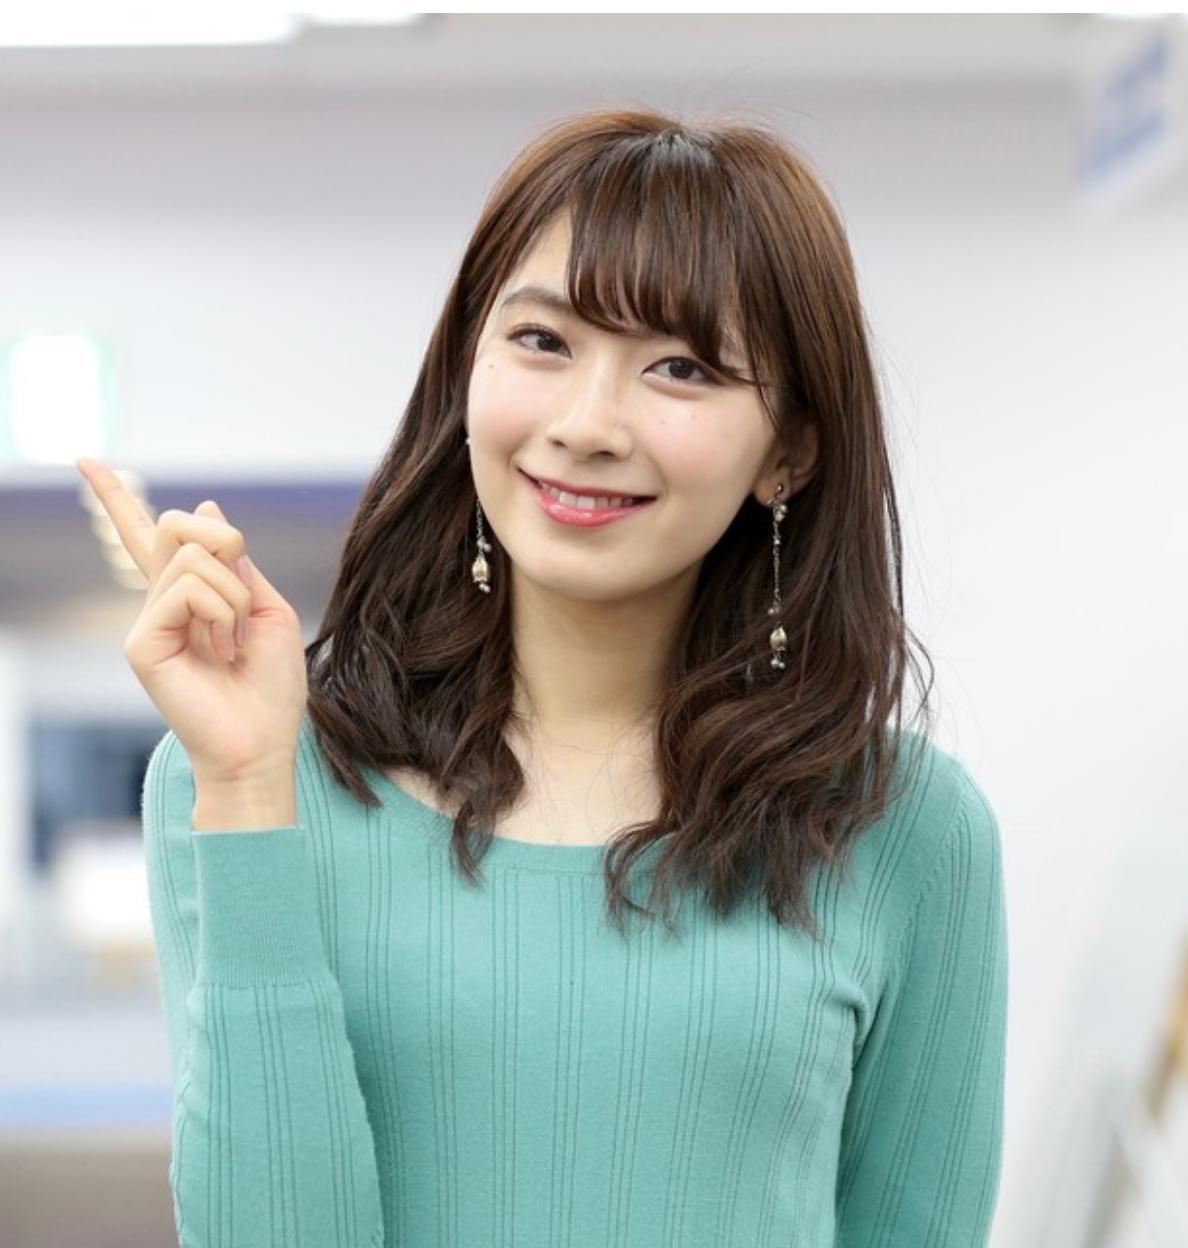 【画像】檜山沙耶ちゃんってかわいいよね!